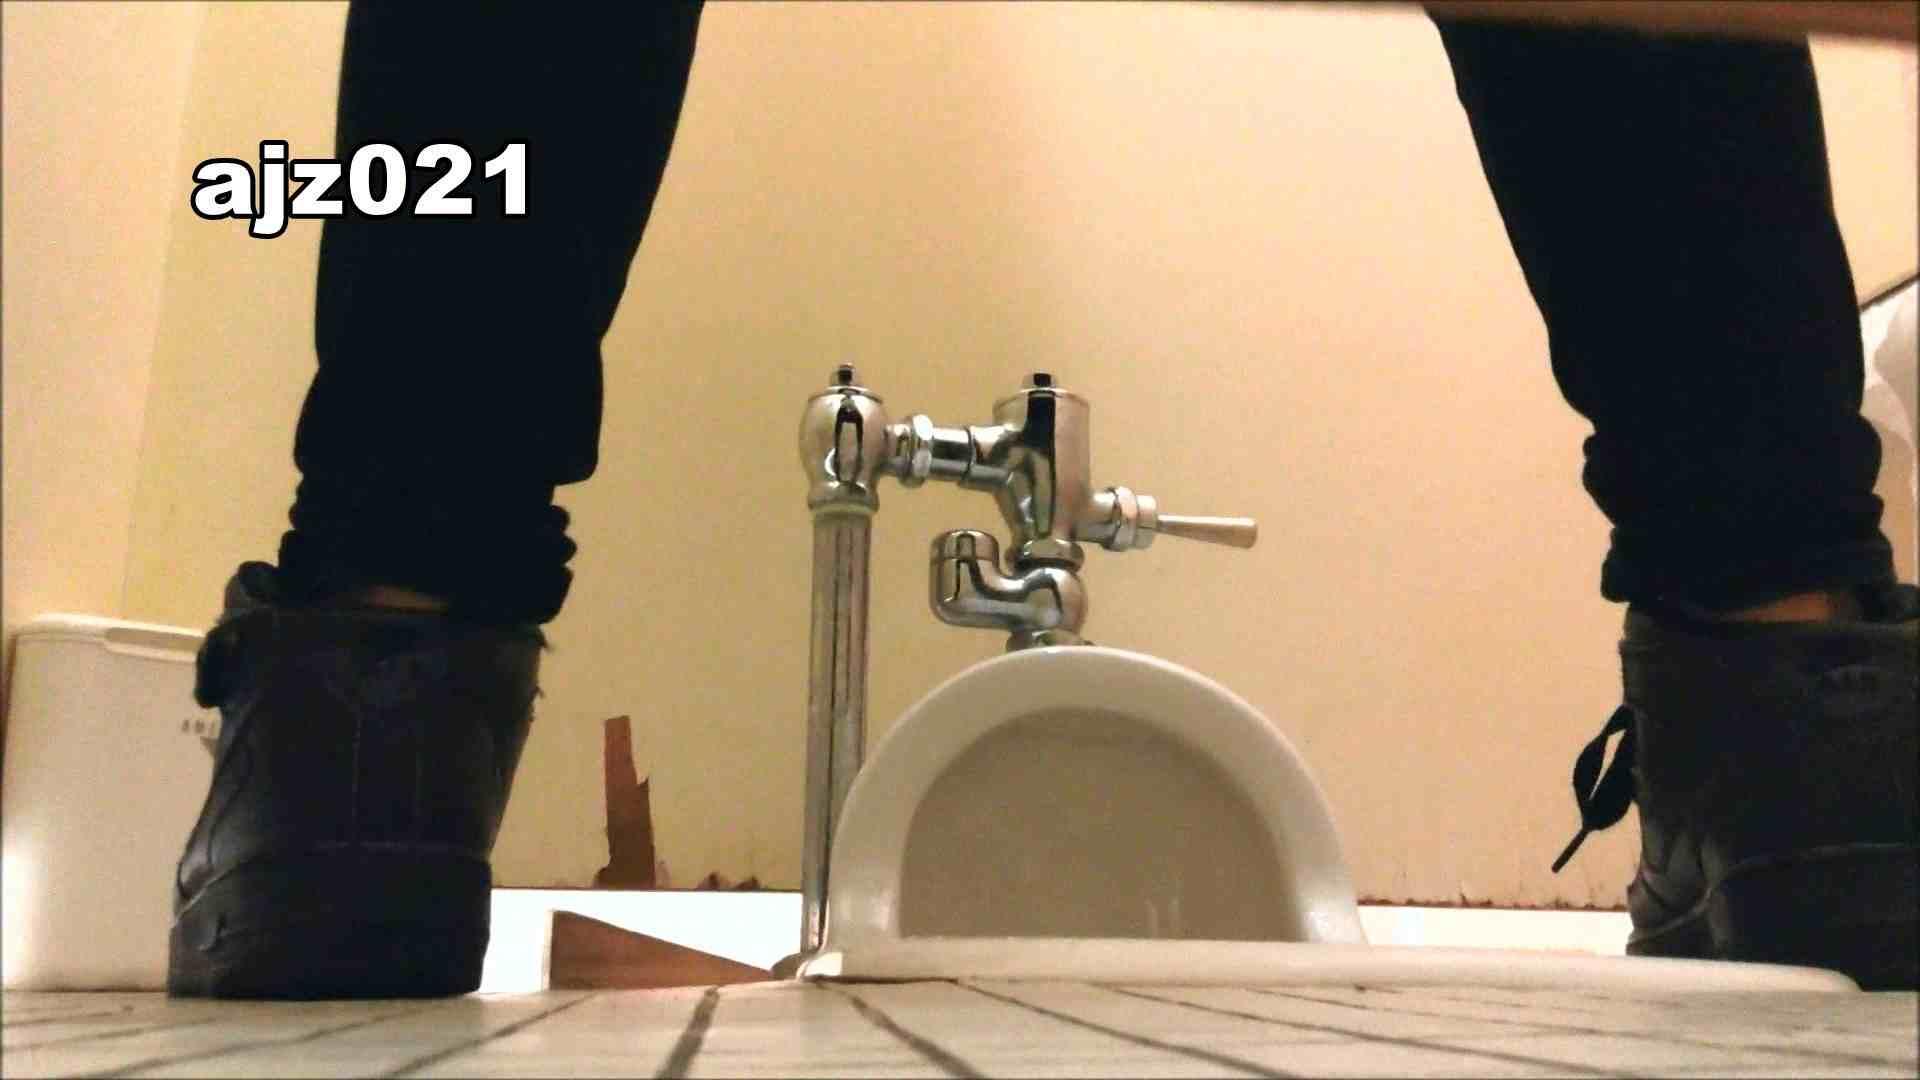 某有名大学女性洗面所 vol.21 洗面所のぞき | ギャル達  92枚 41